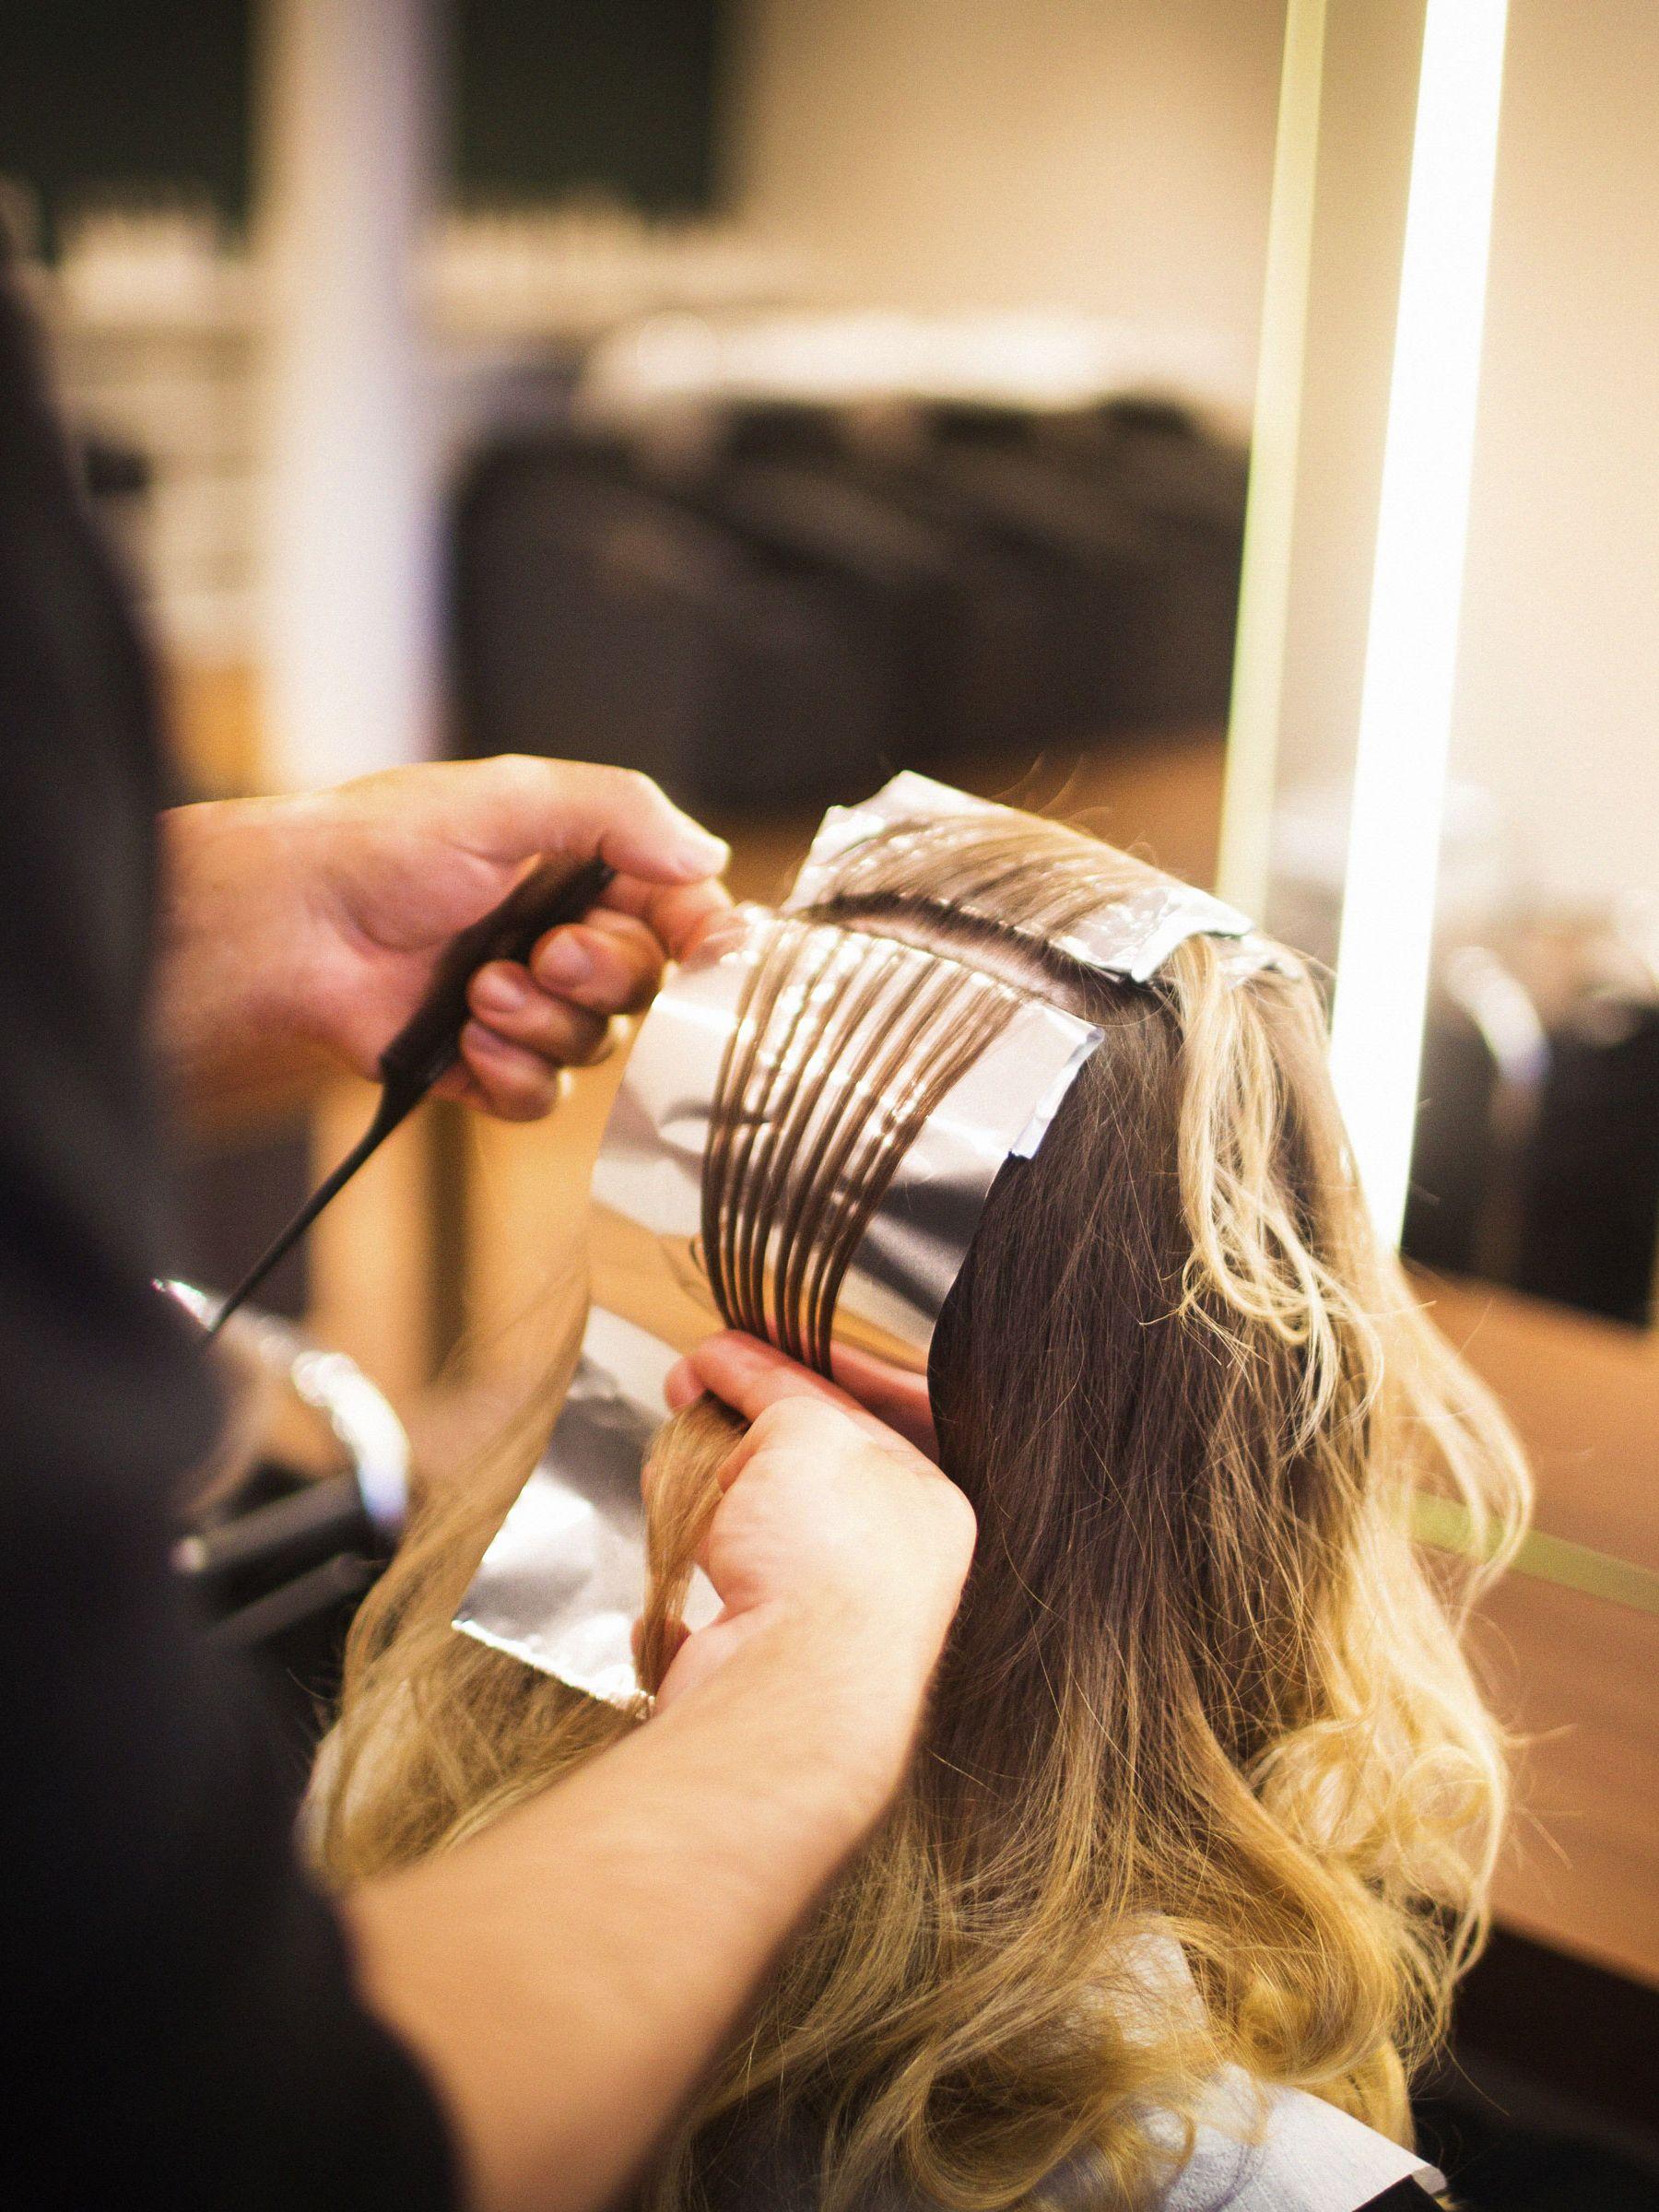 Aluminium hairdressing foil